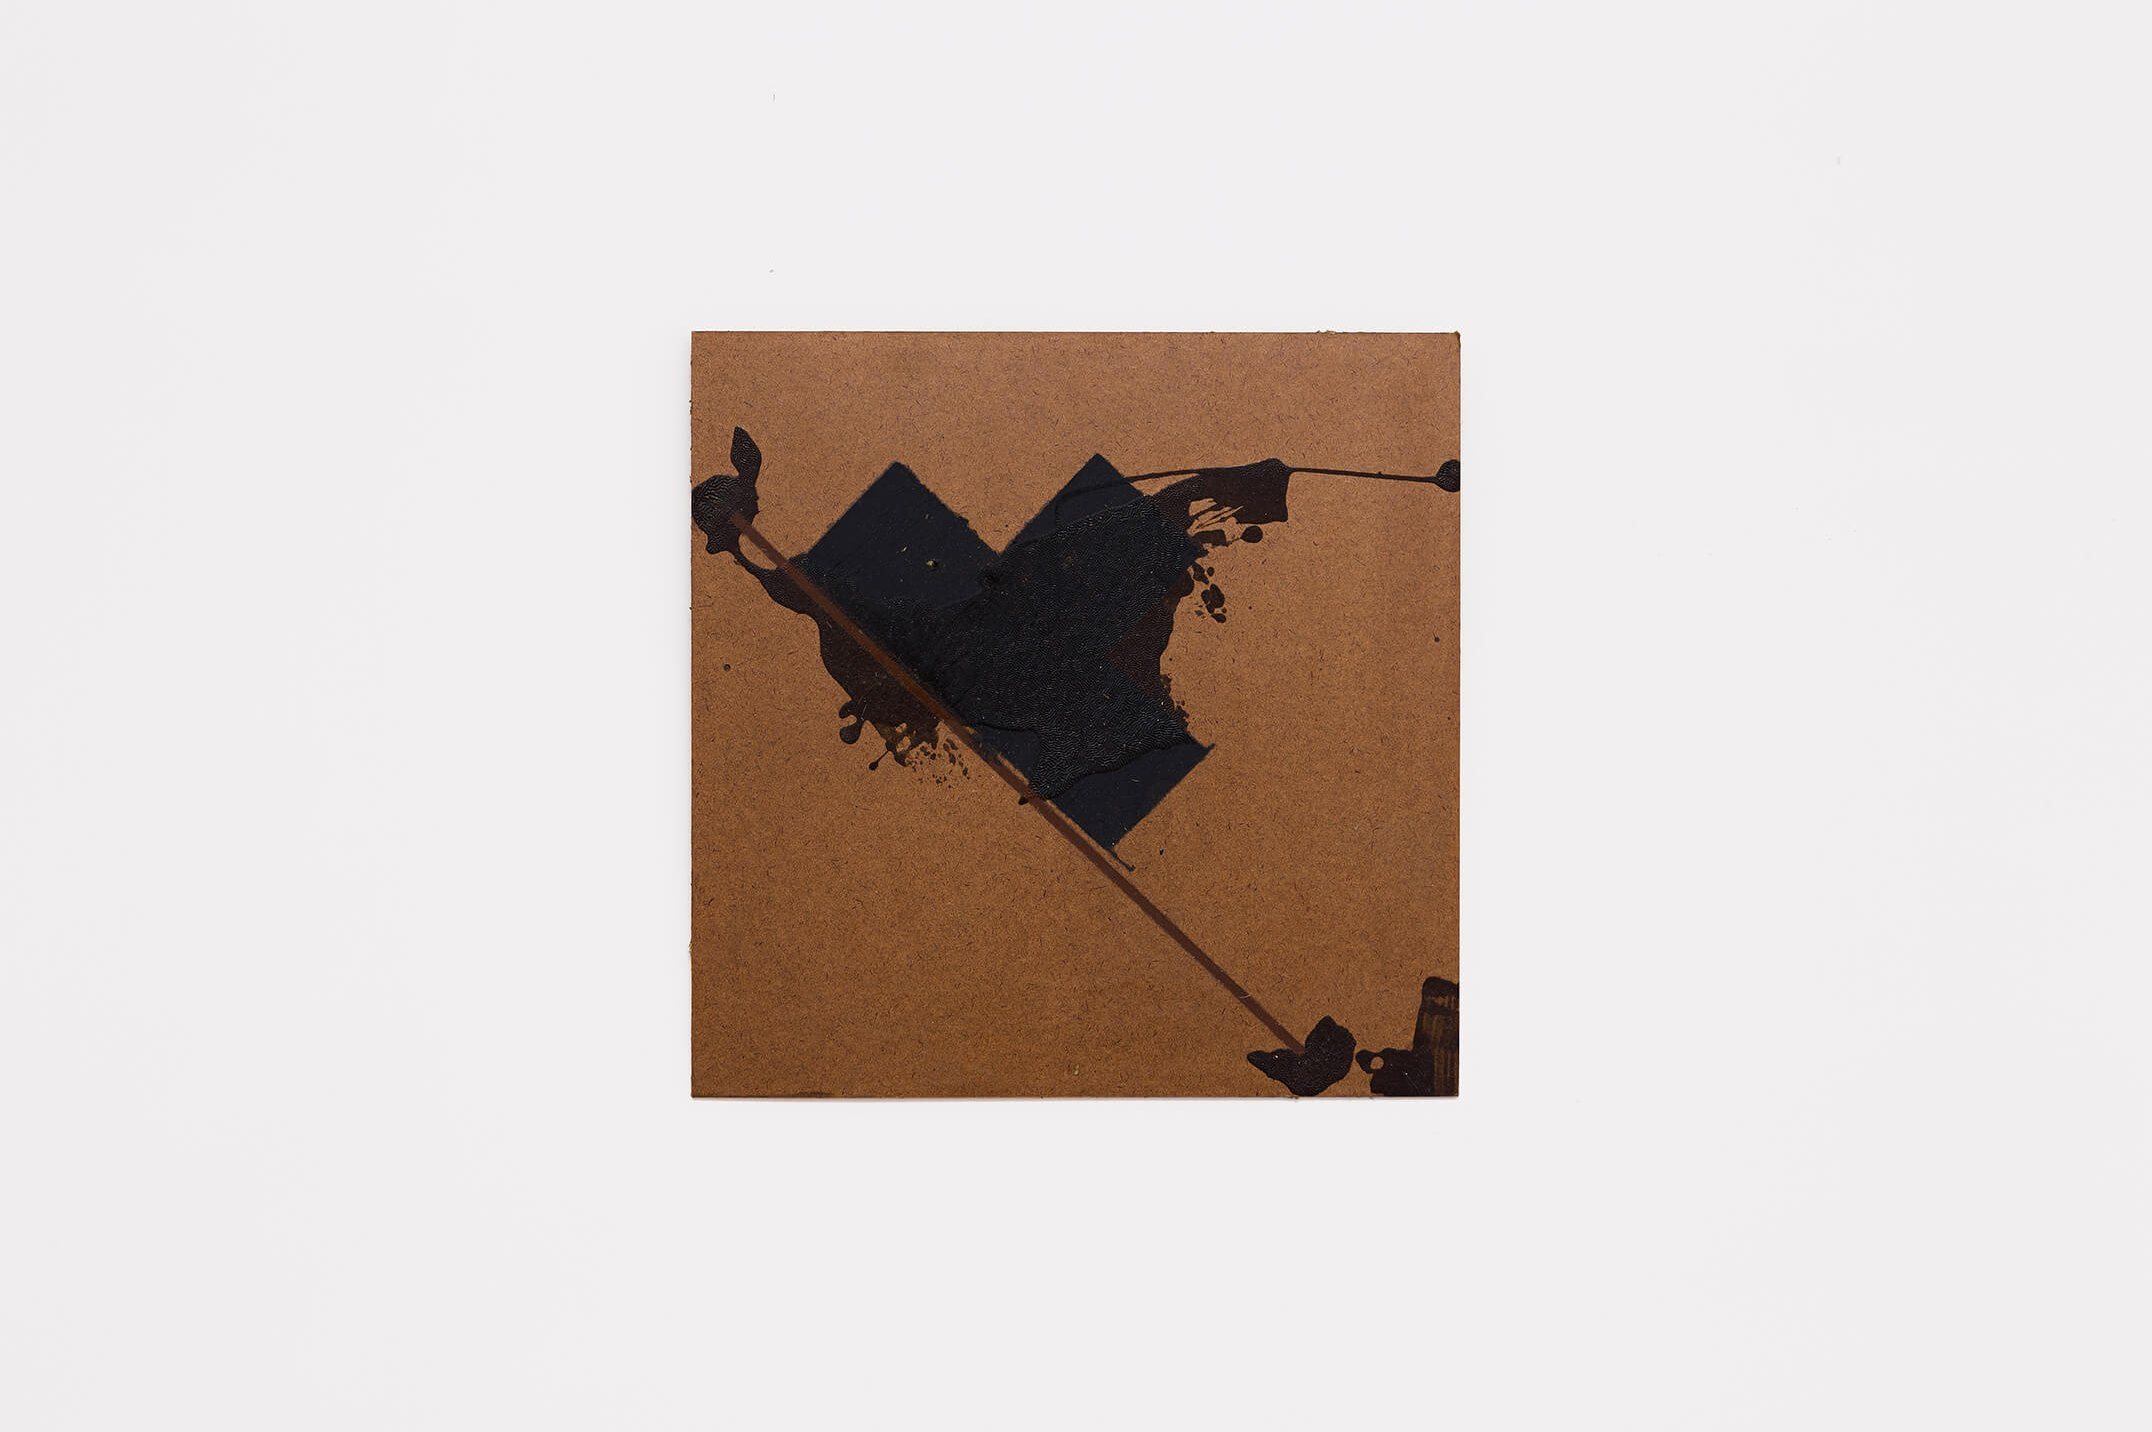 Deyson Gilbert,<em>untitled</em>, 2014,synthetic enamel on wood, 39 ×38 cm - Mendes Wood DM